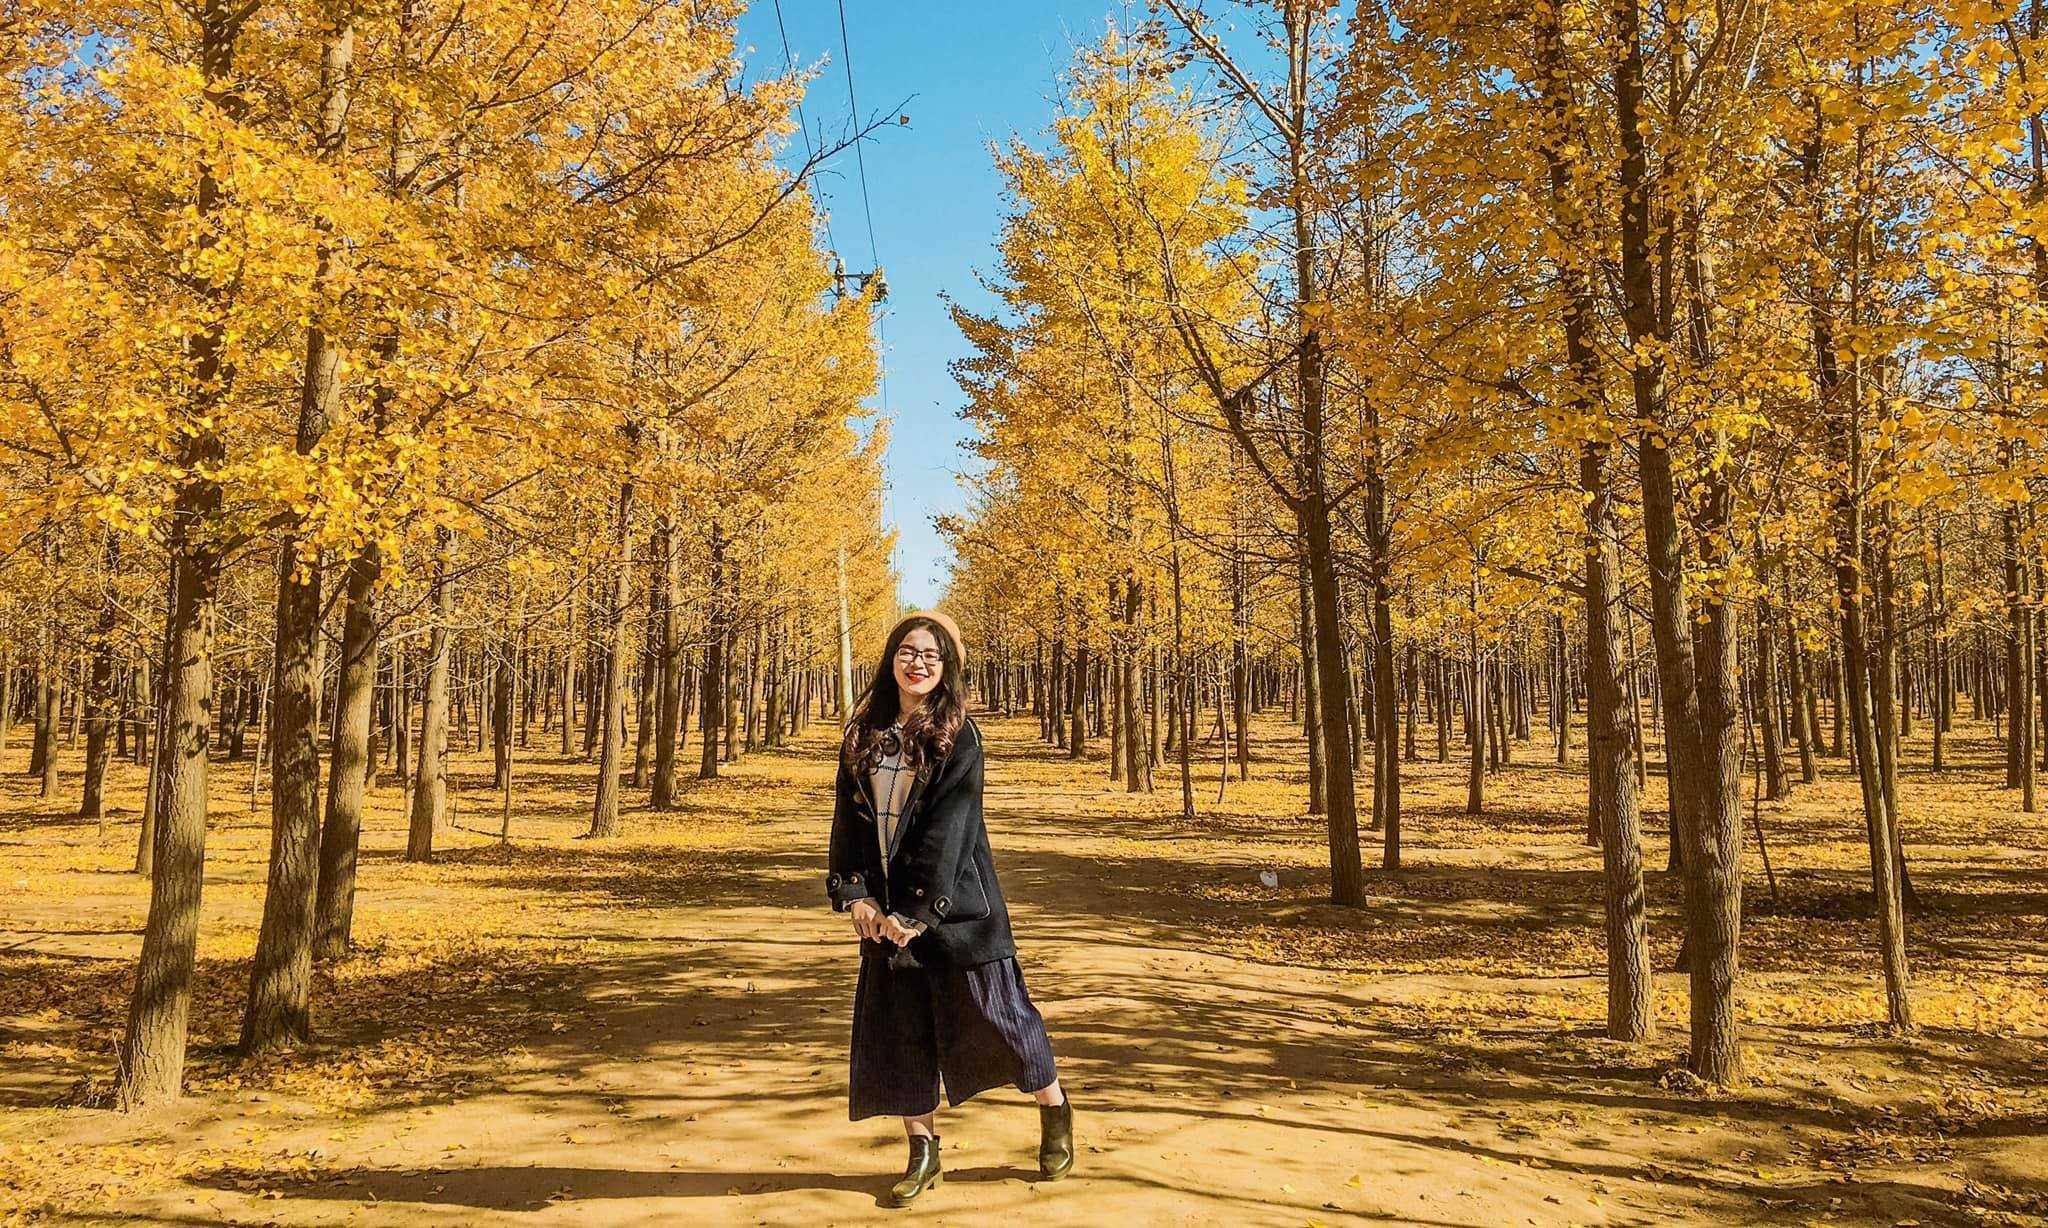 Yêu kiều giữa mùa thu. Cr: Phạm Thảo